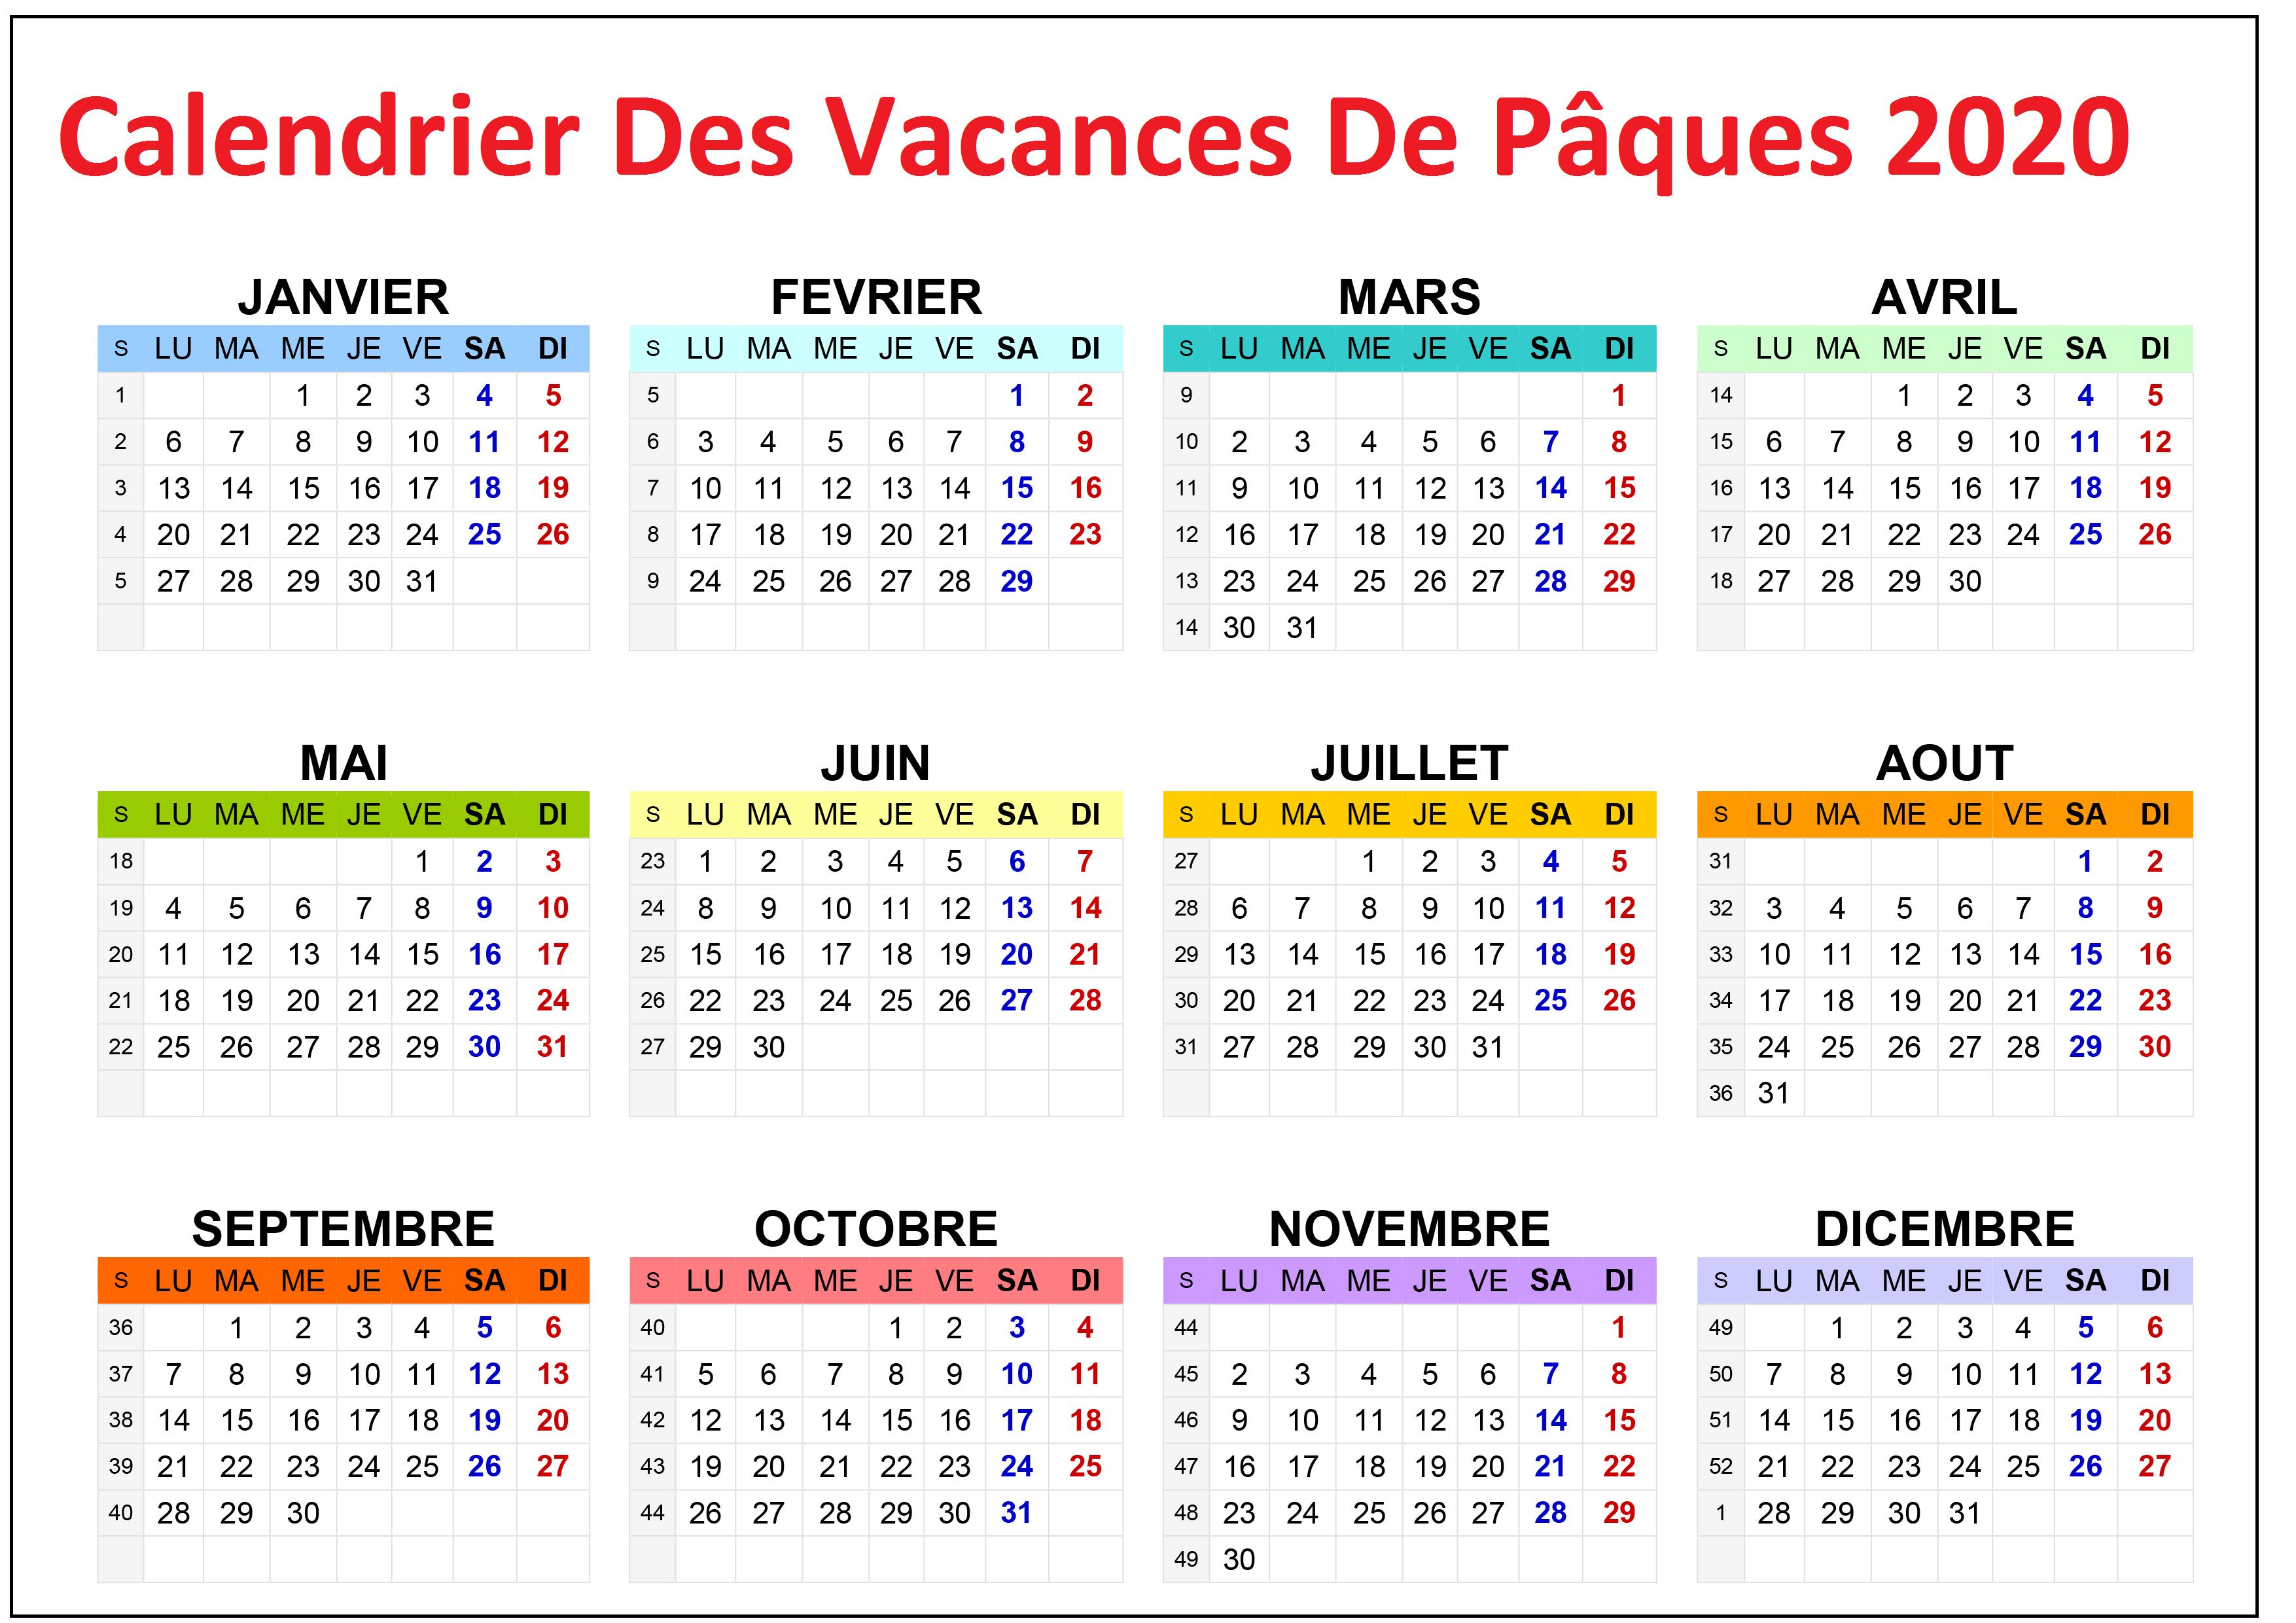 Calendrier Vacances Pâques 2020-2021 A Imprimer